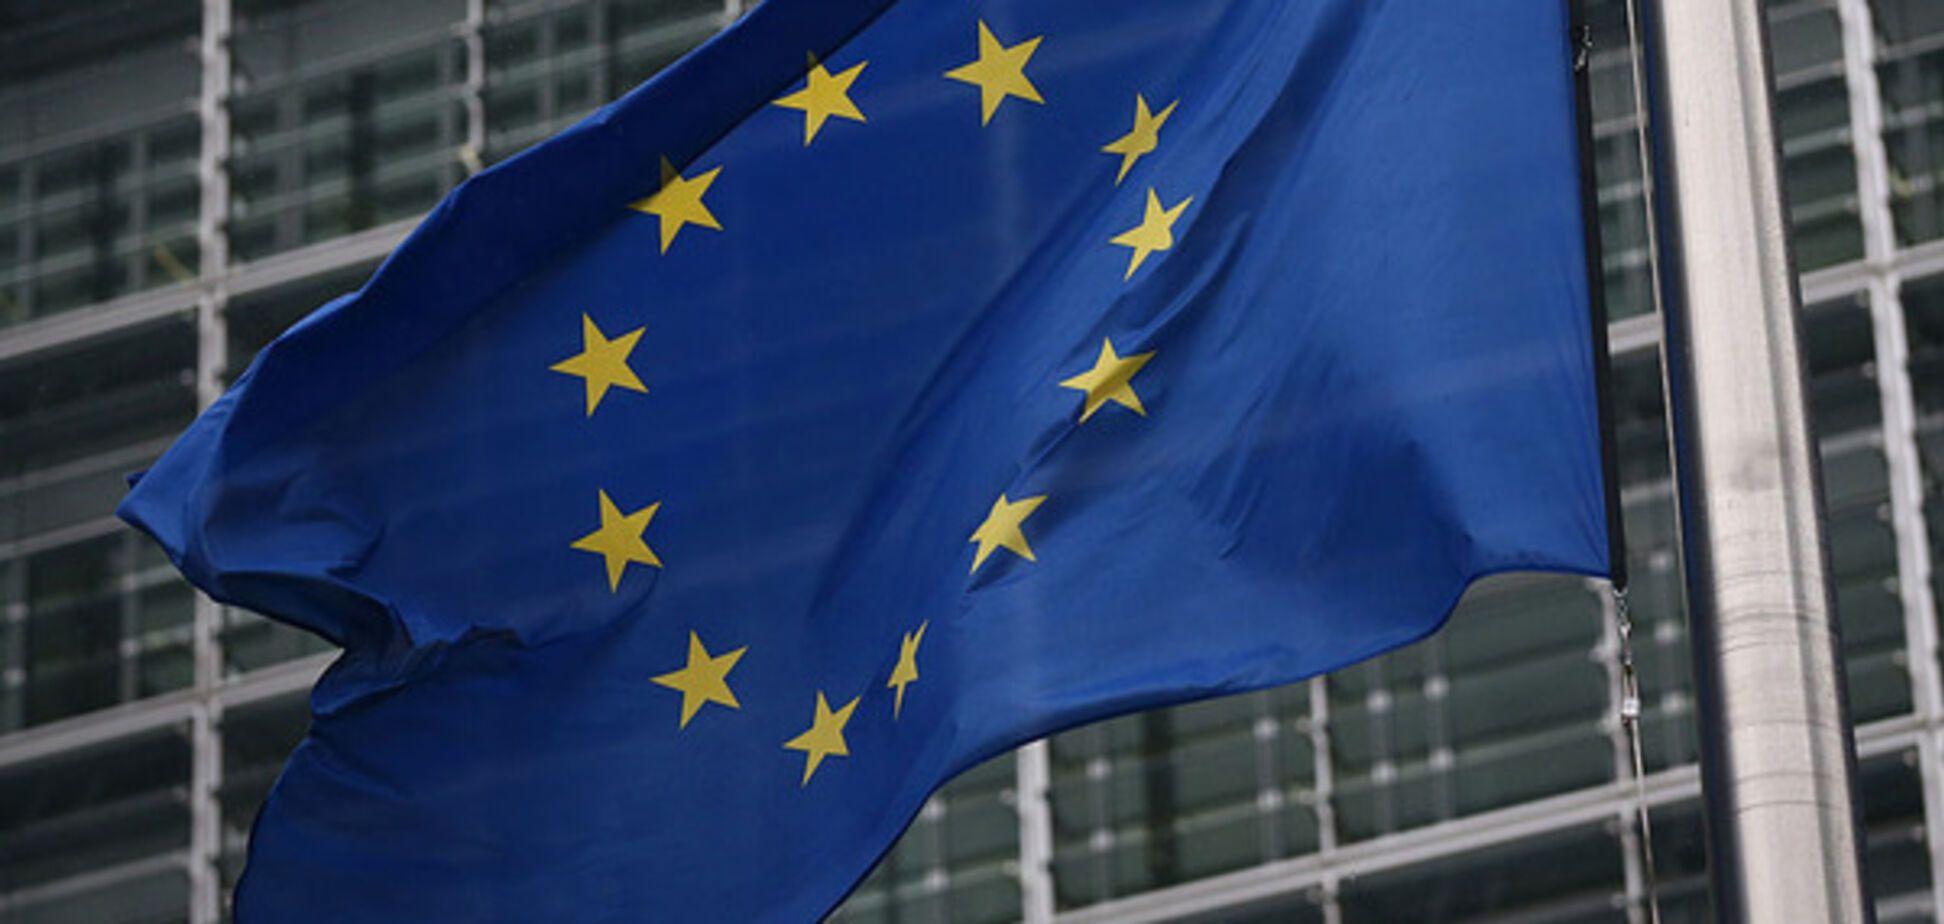 У Росії влаштували істерику через ратифікацію Нідерландами угоди про асоціацію Україна-ЄС